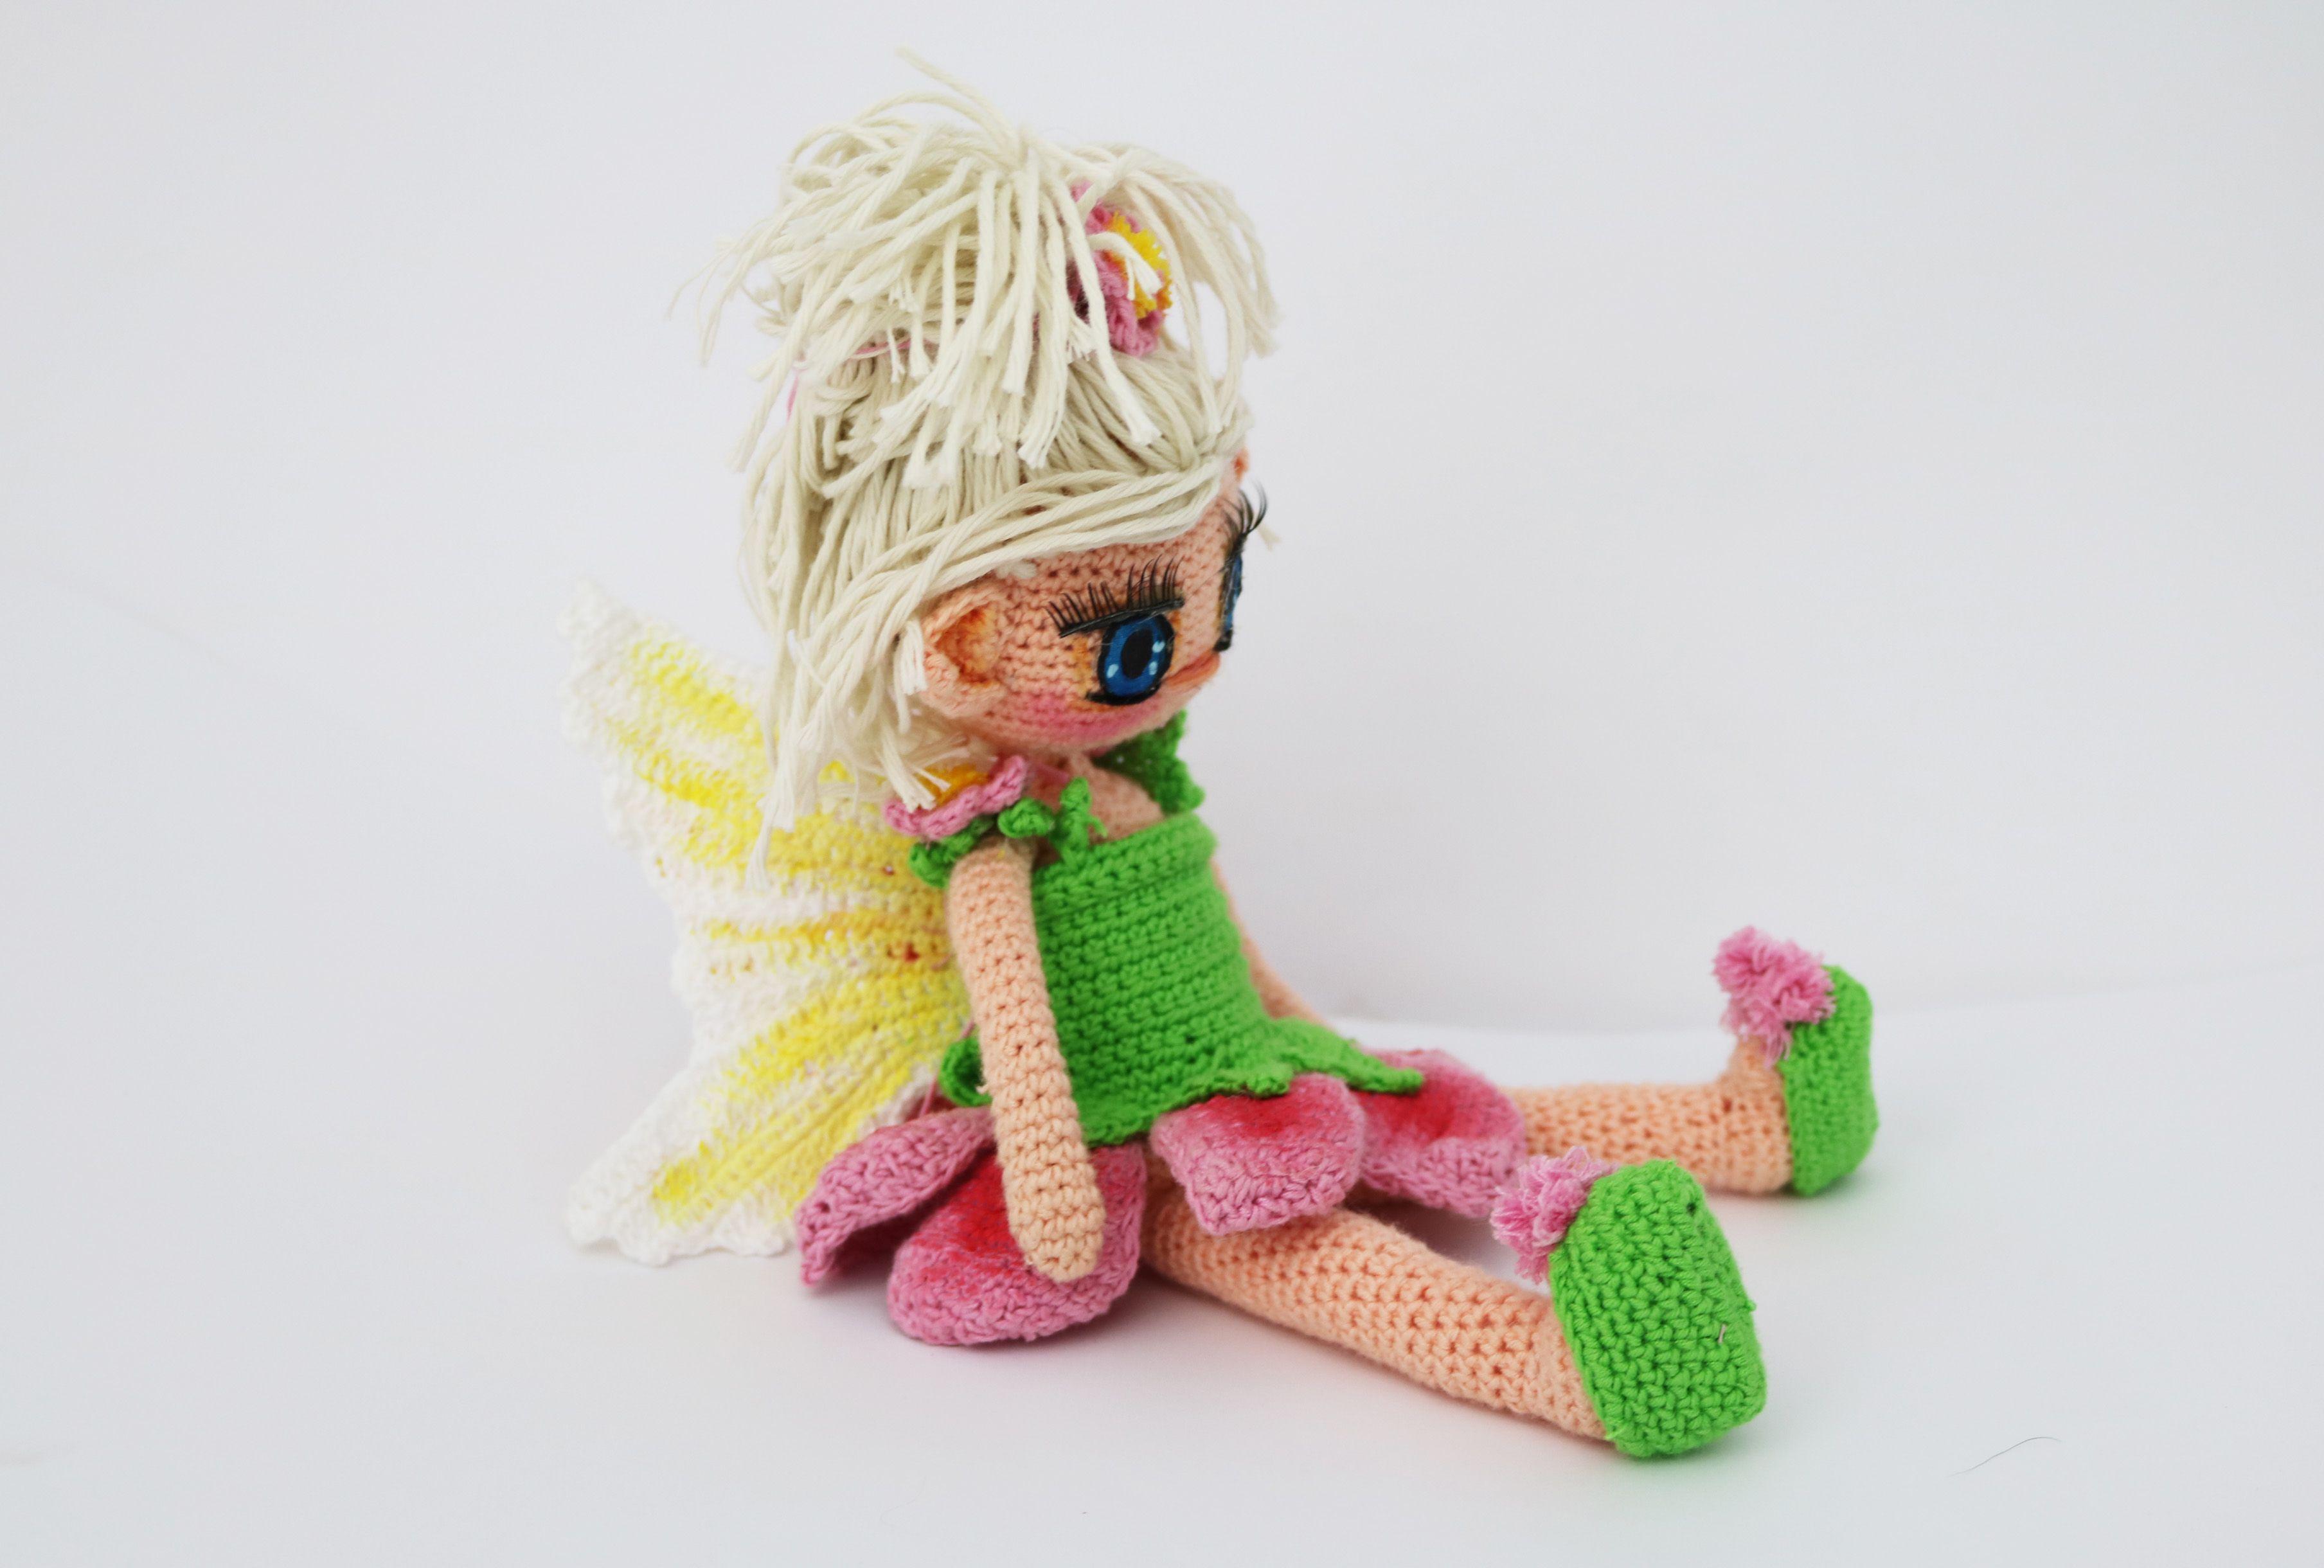 Muñeca hada amigurumi, patron gratis   las mas bonitas muñecas ...